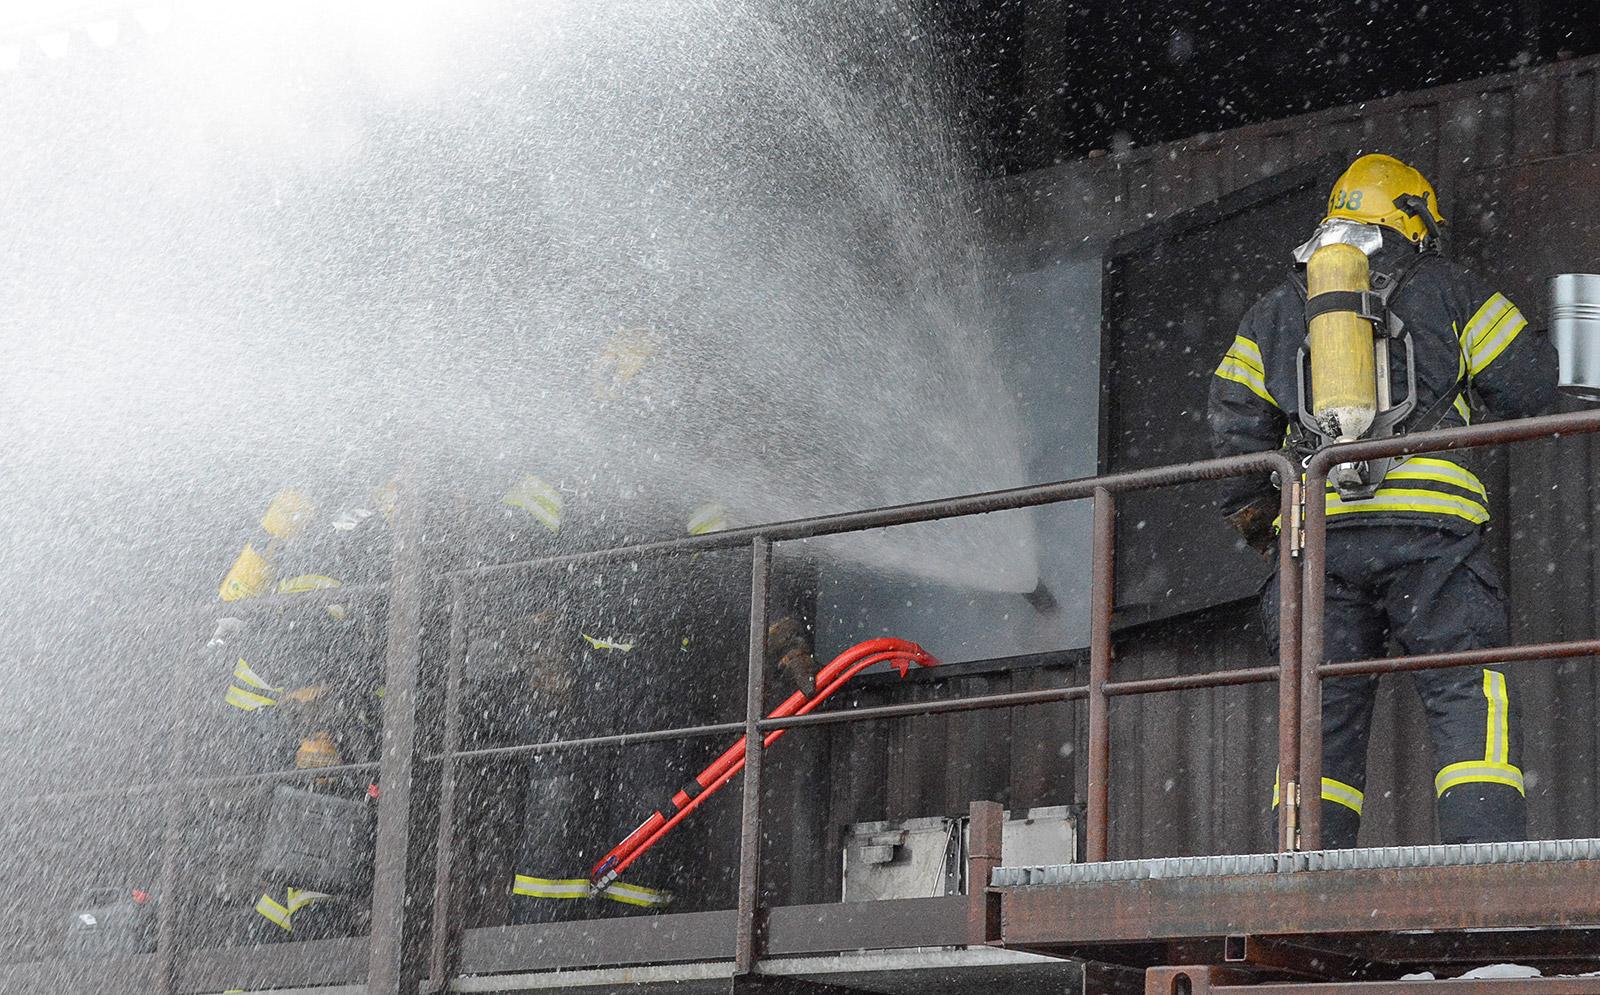 ST-putki oli käytössä Pelastusopistolla täydentävien sammutusmenetelmien kurssilla keväällä 2020. Vedellä toimiva alipainetuuletus- ja sammutusjärjestelmä luo pelastajille turvallisemmat työolosuhteet ja nopeasti paremman näkyvyyden.